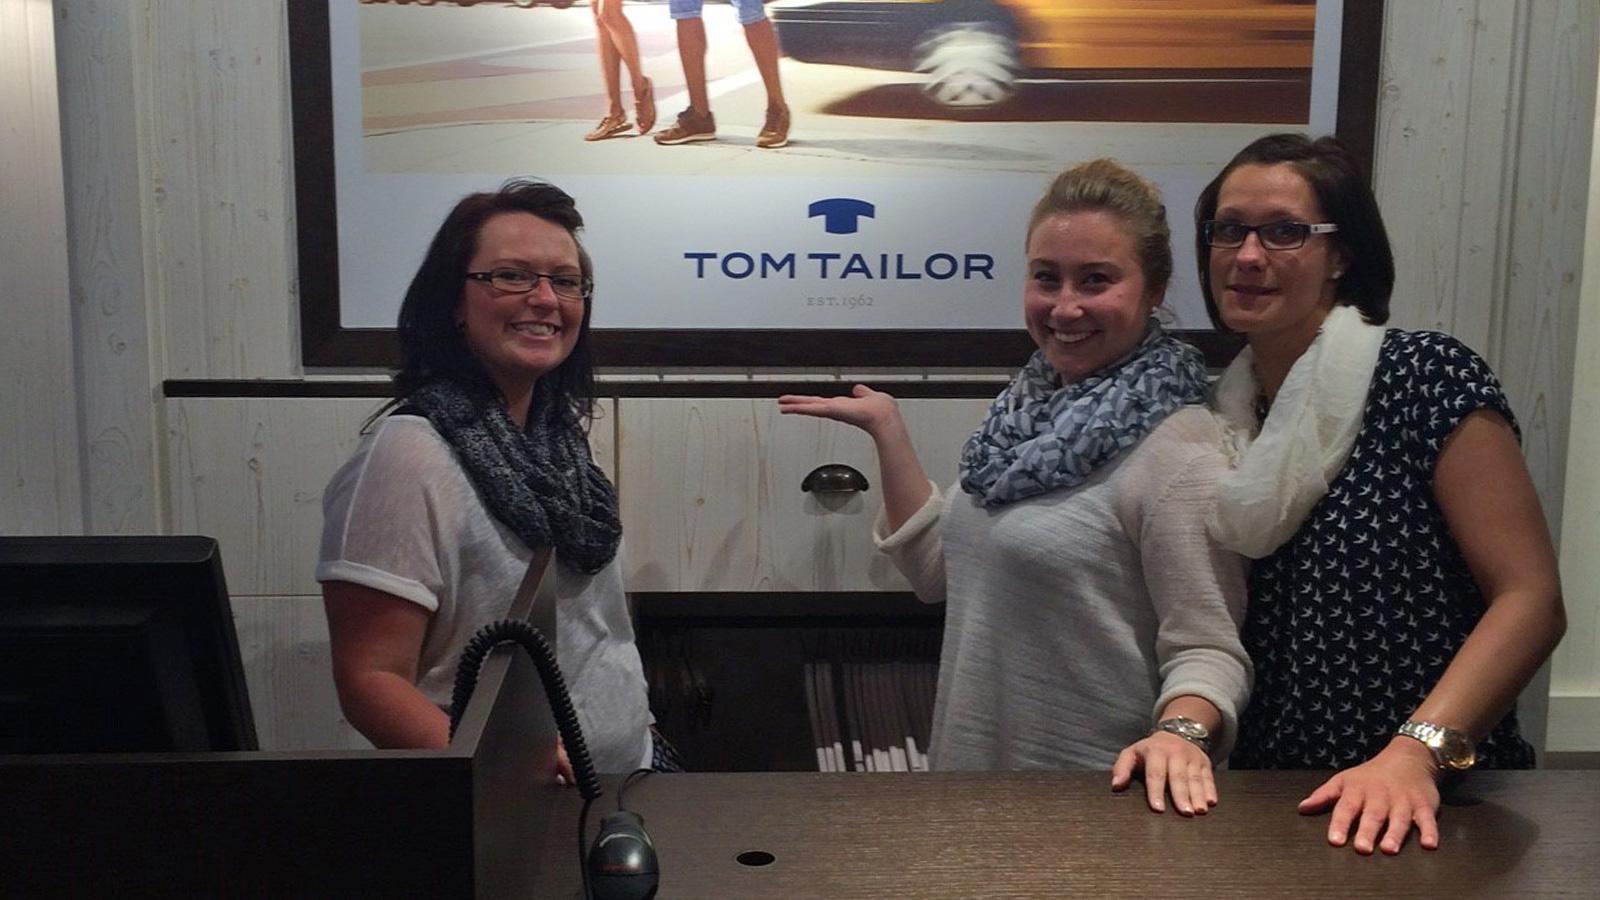 tom-tailor-hwi-01